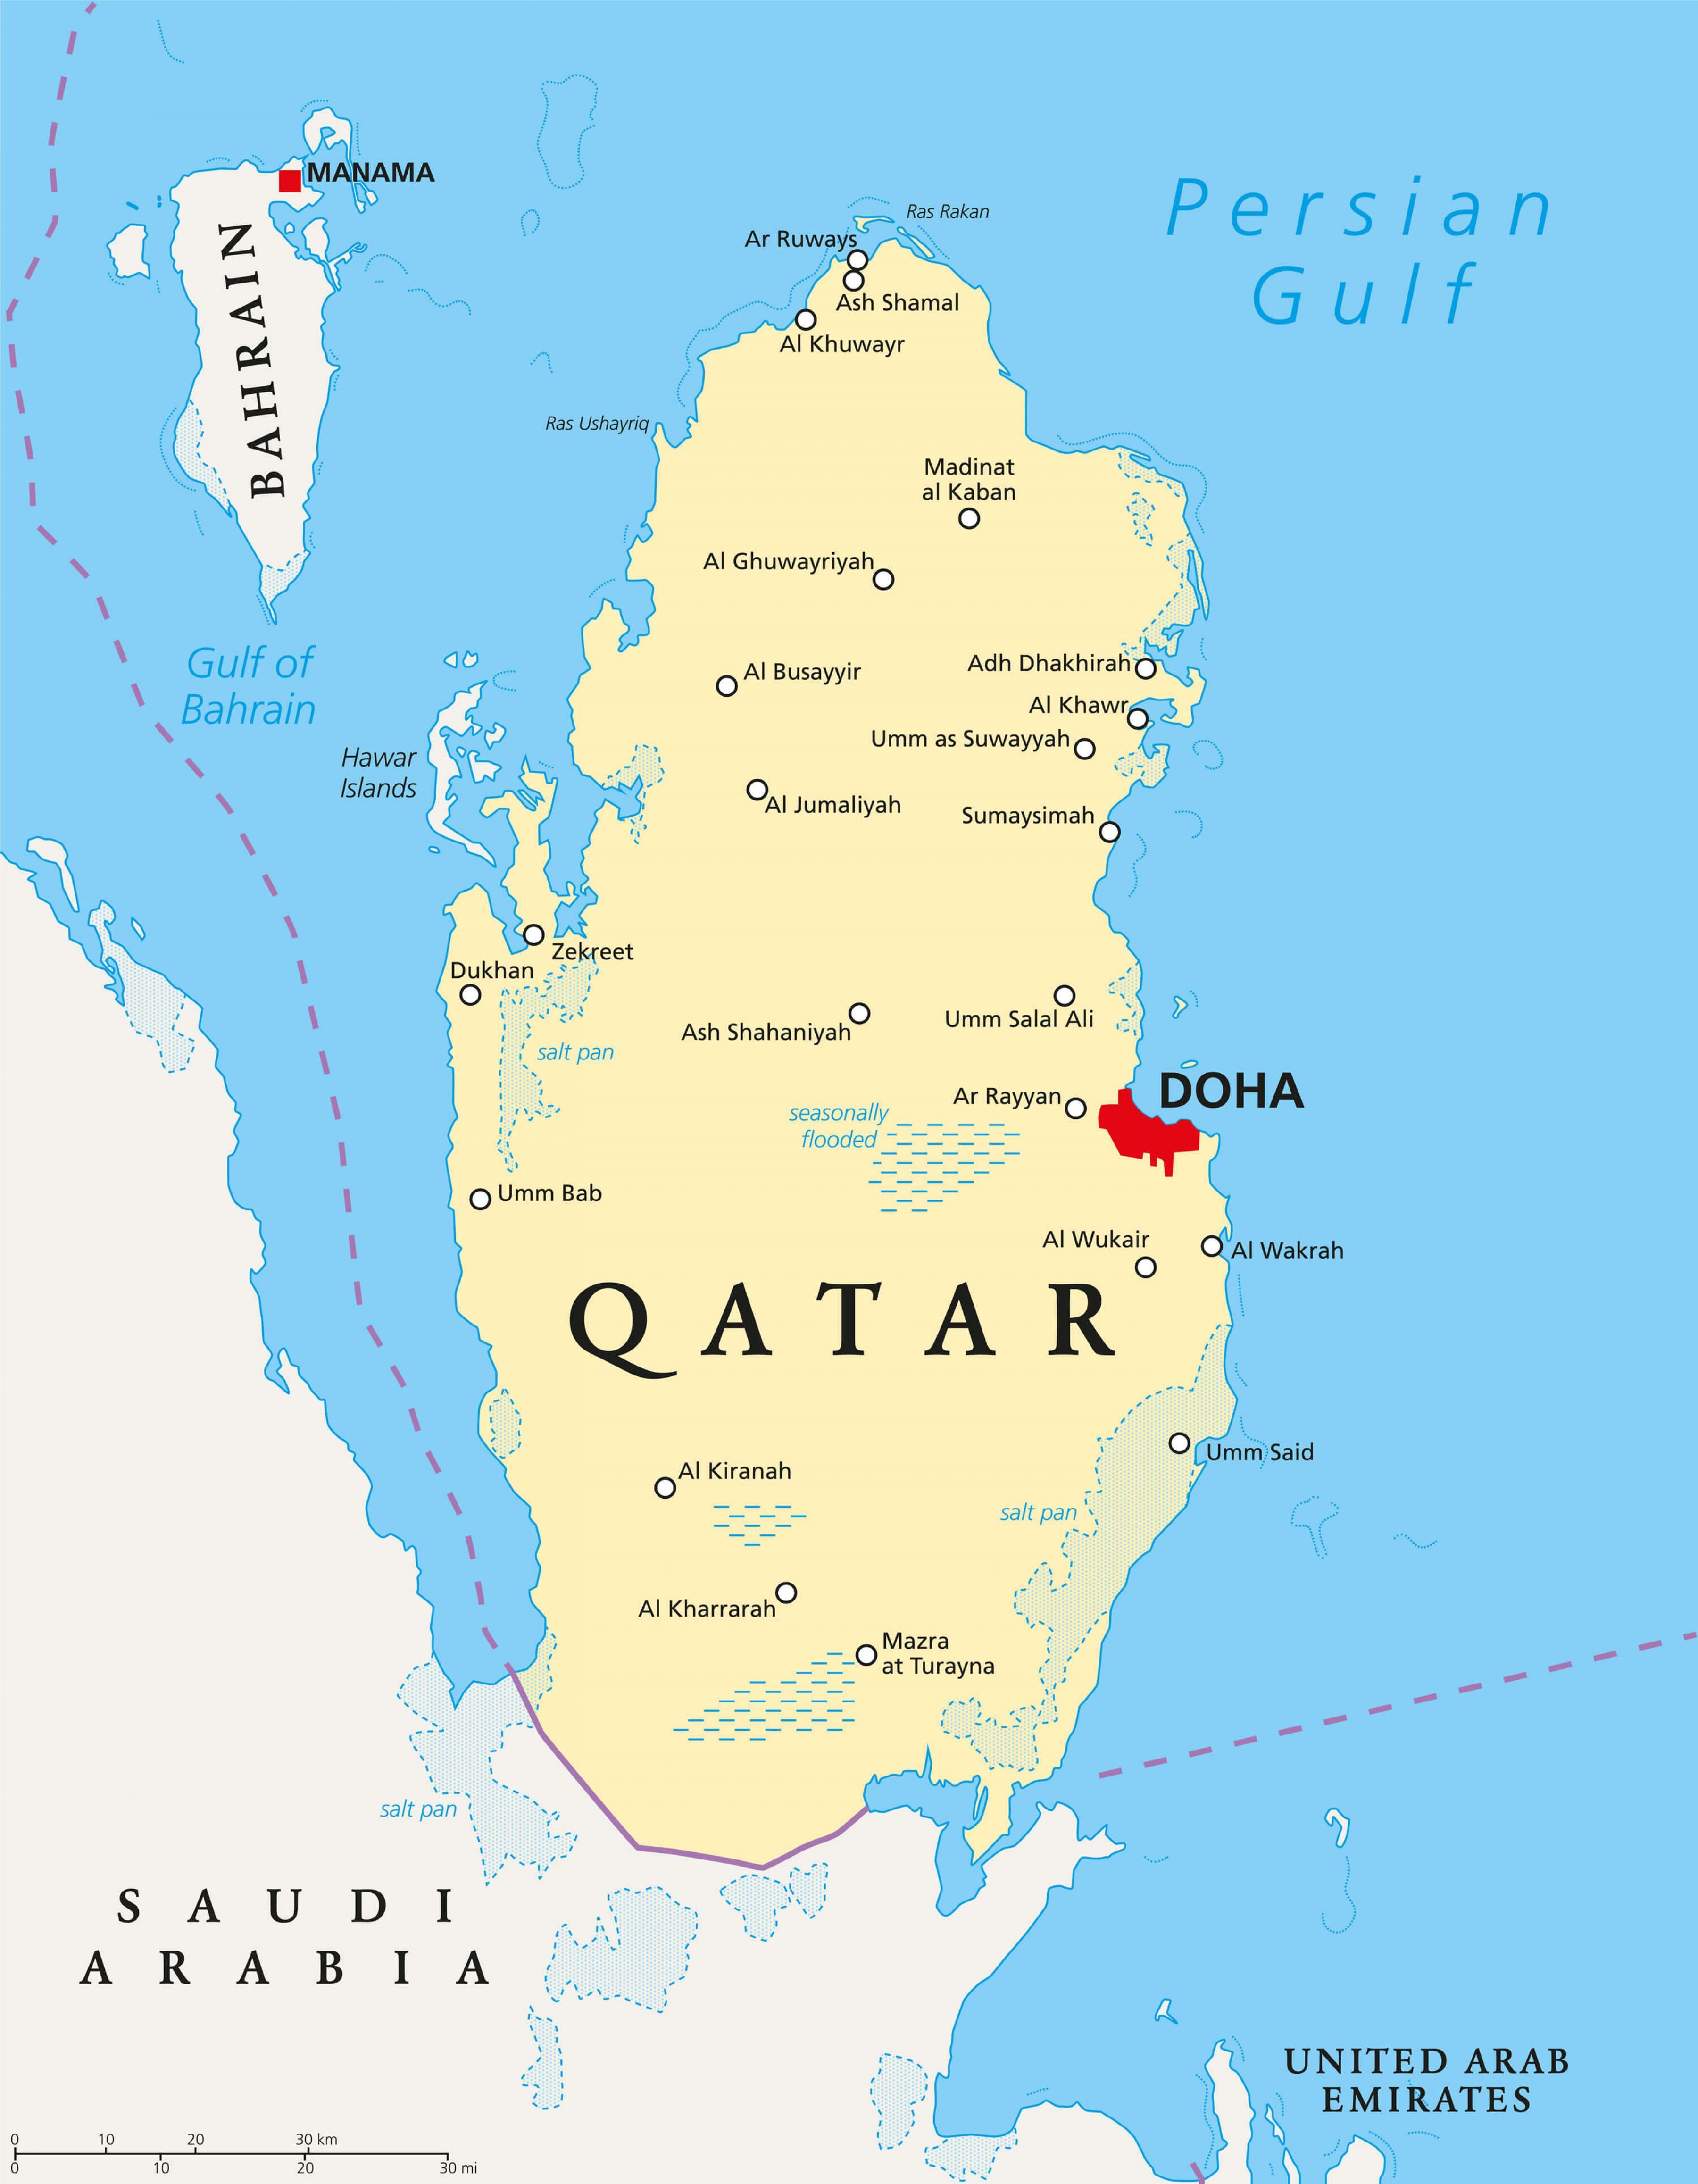 Landkarte Asien.Katar Karte Bild Landkarte Von Katar Bild West Asien Asia